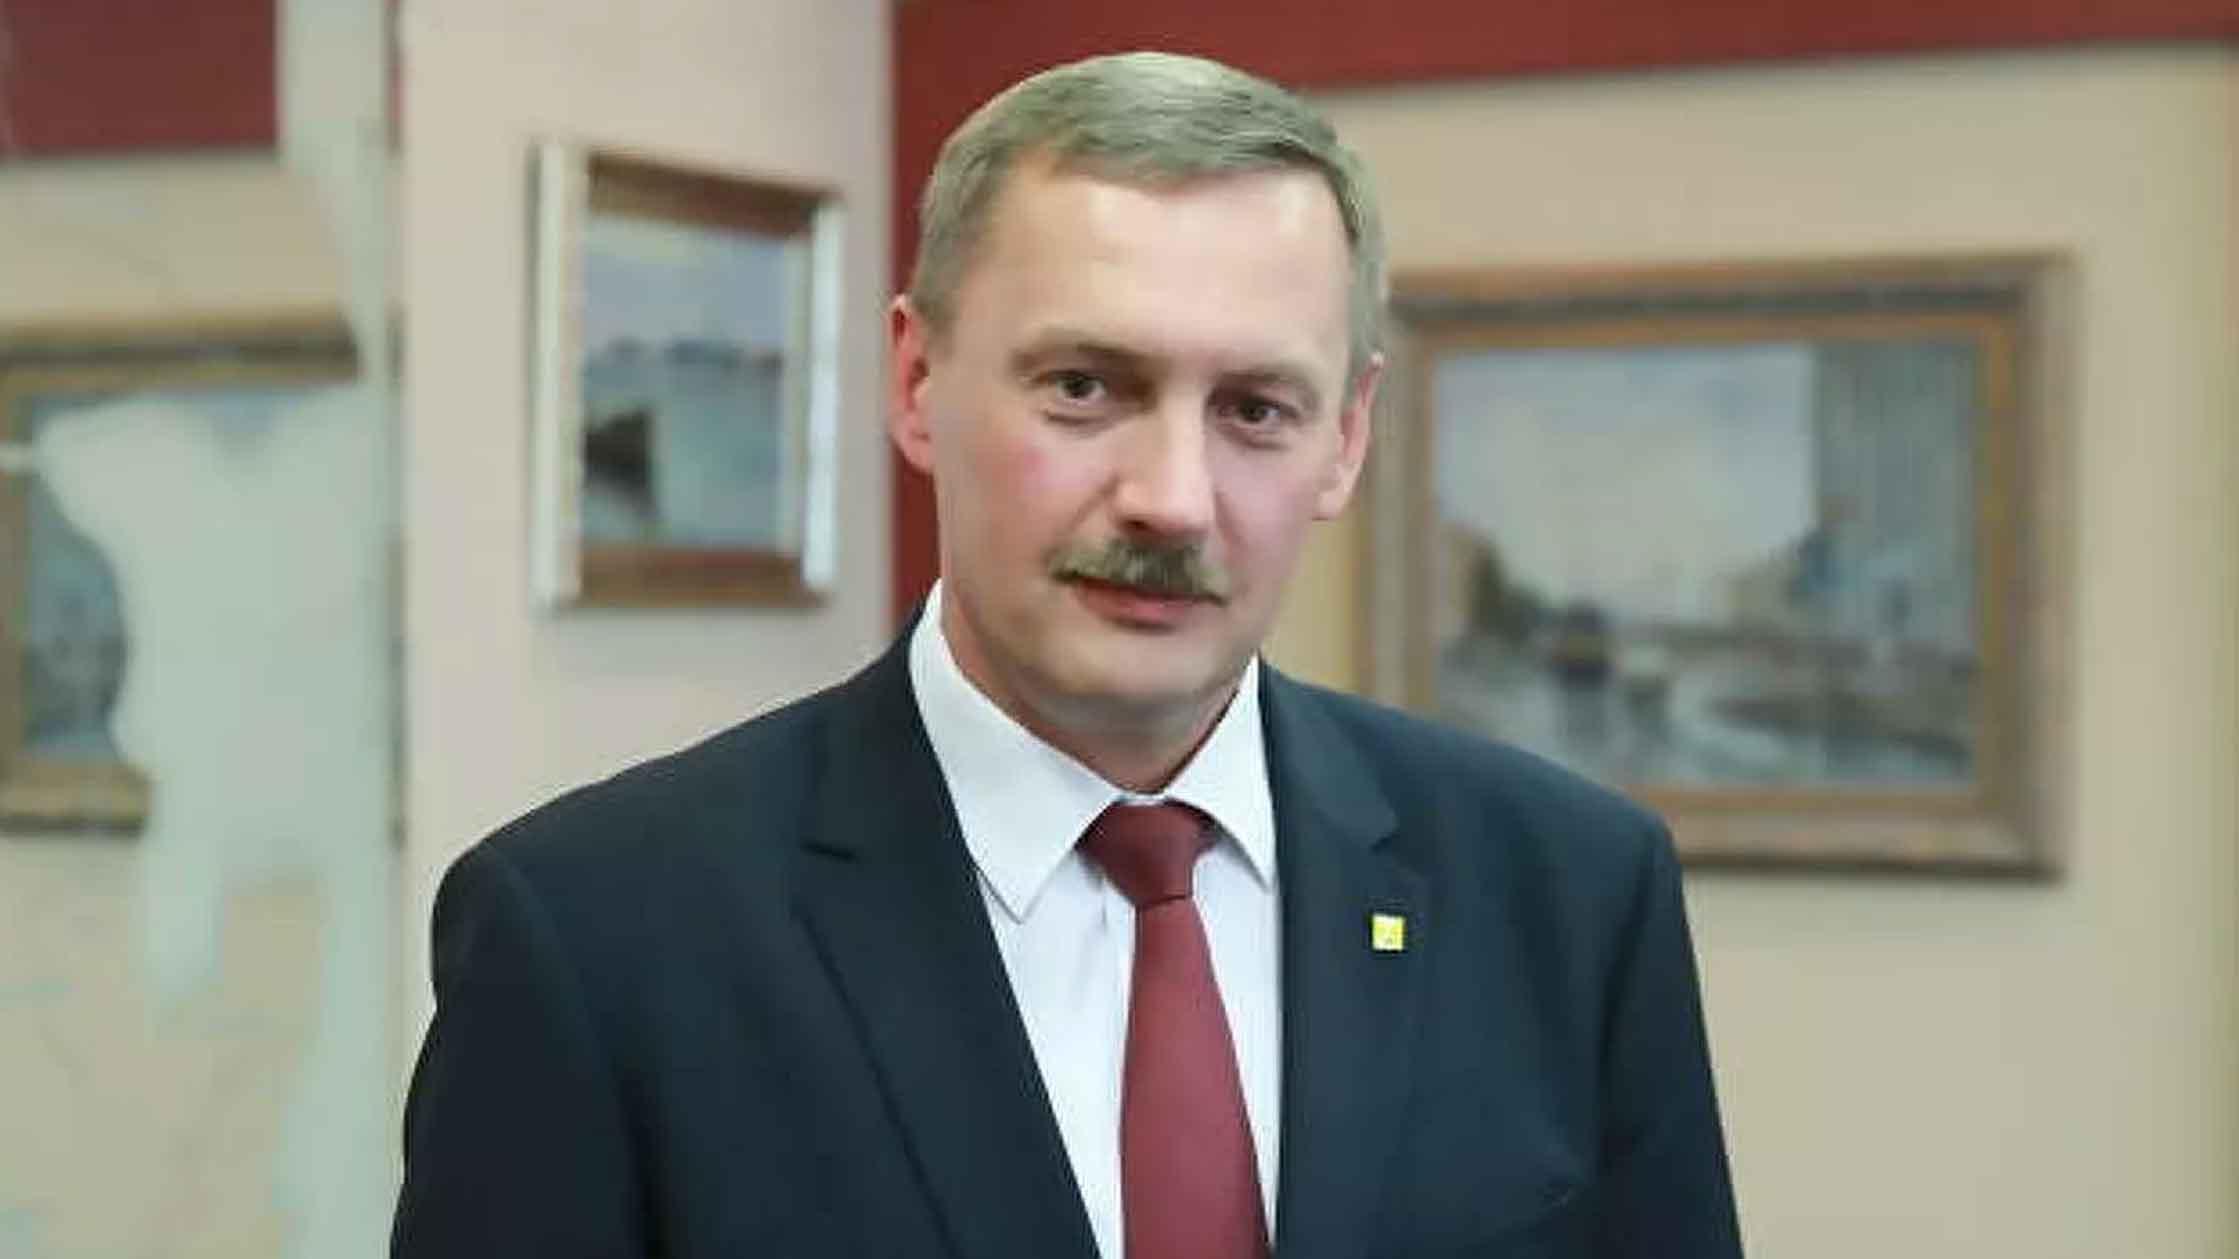 Мэр Архангельска Игорь Годзиш подал в отставку — Daily Storm